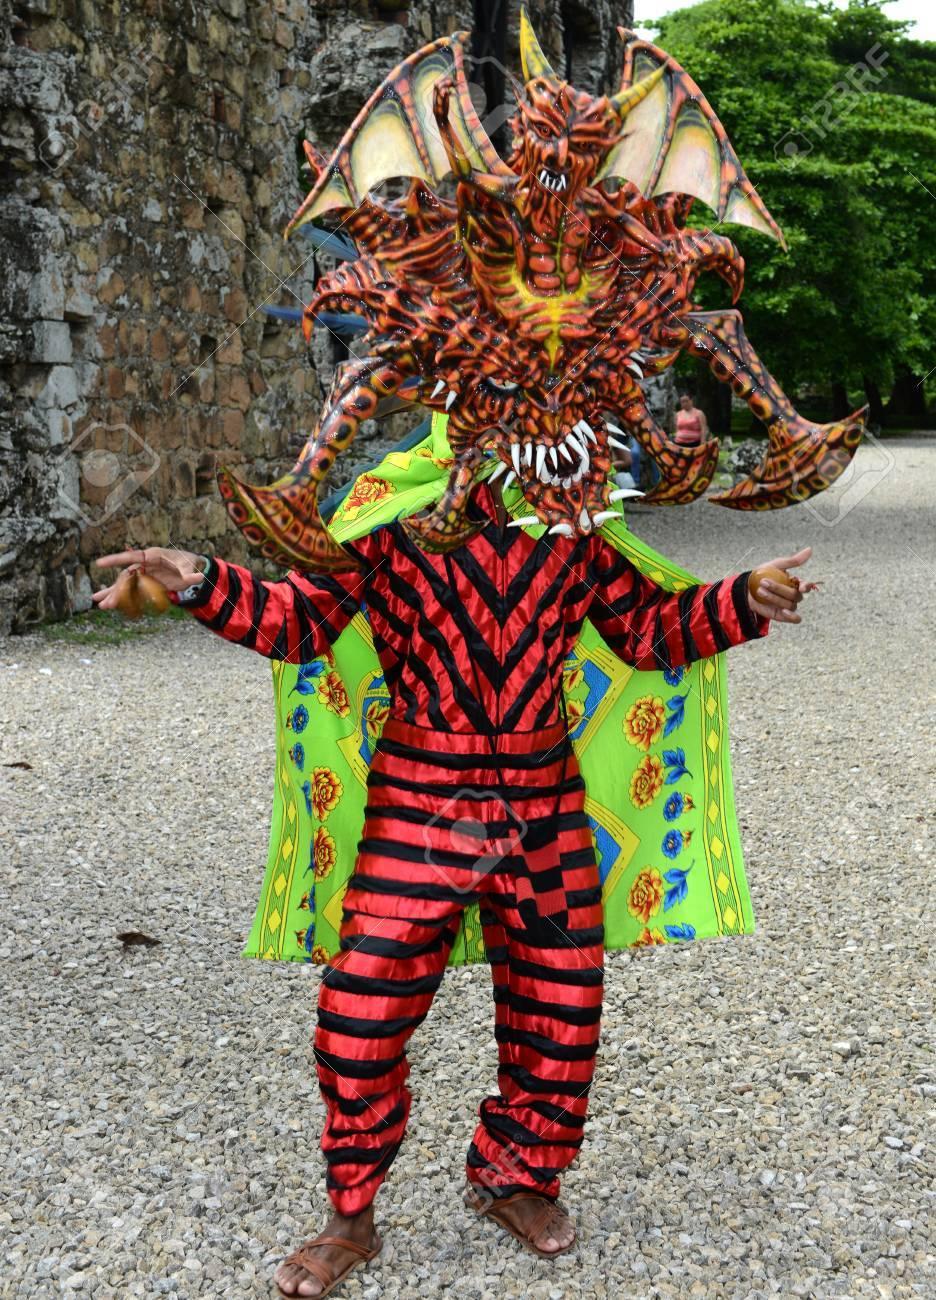 Panama Hombre Vestido Con Ropa Tradicional Y Baile Mascara Para